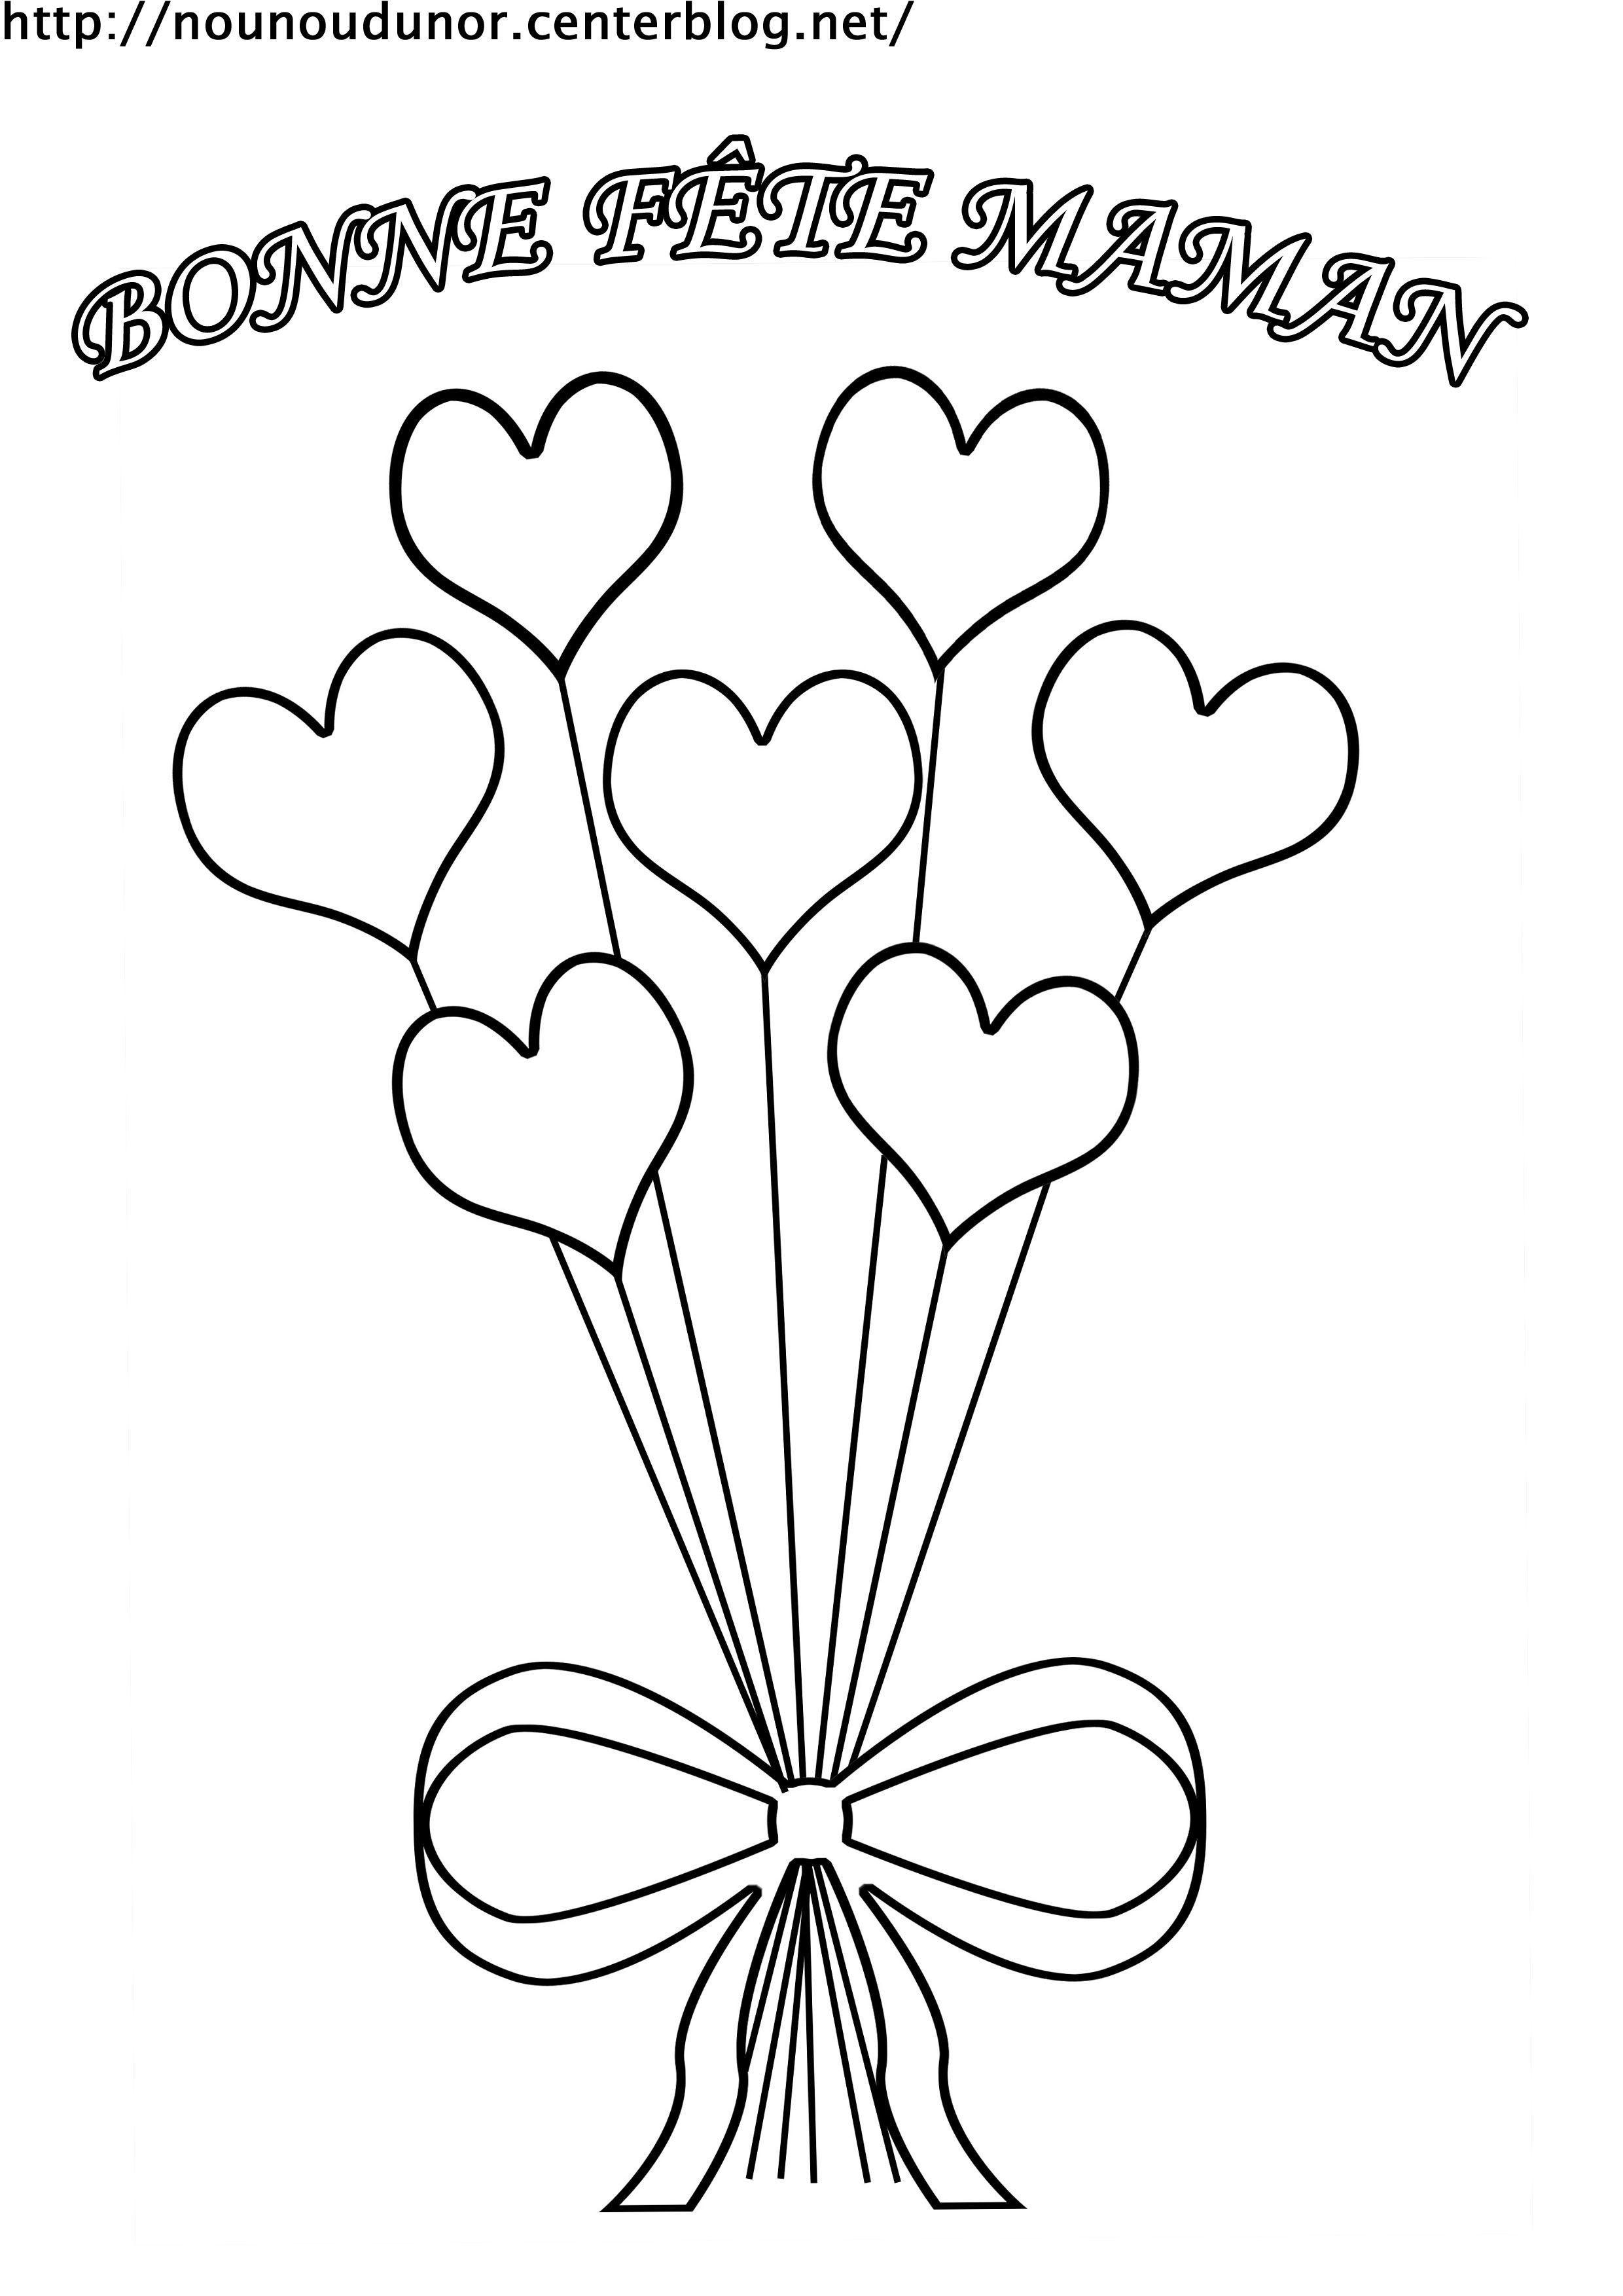 coloriage bouquet de coeur bonne f te maman. Black Bedroom Furniture Sets. Home Design Ideas